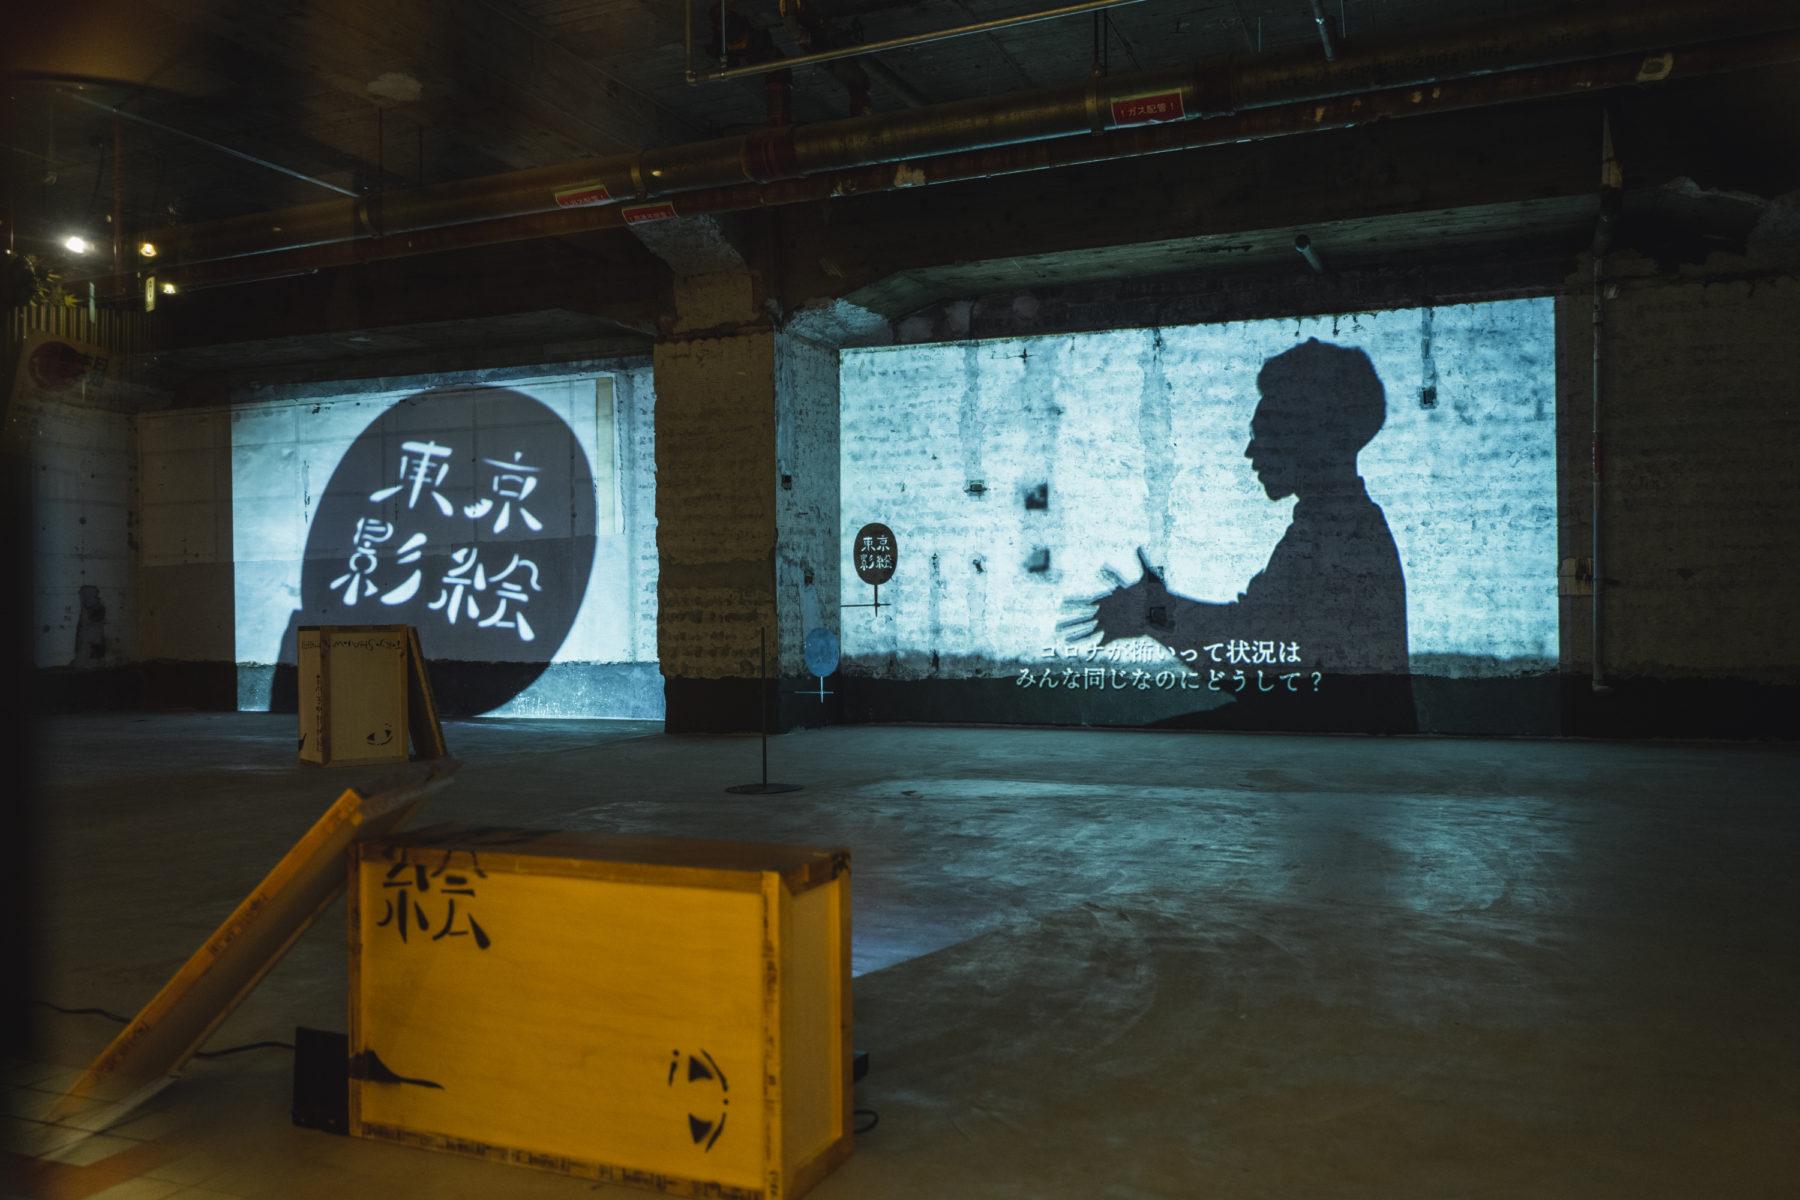 東京ビエンナーレ2020/2021「東京影絵クラブ」